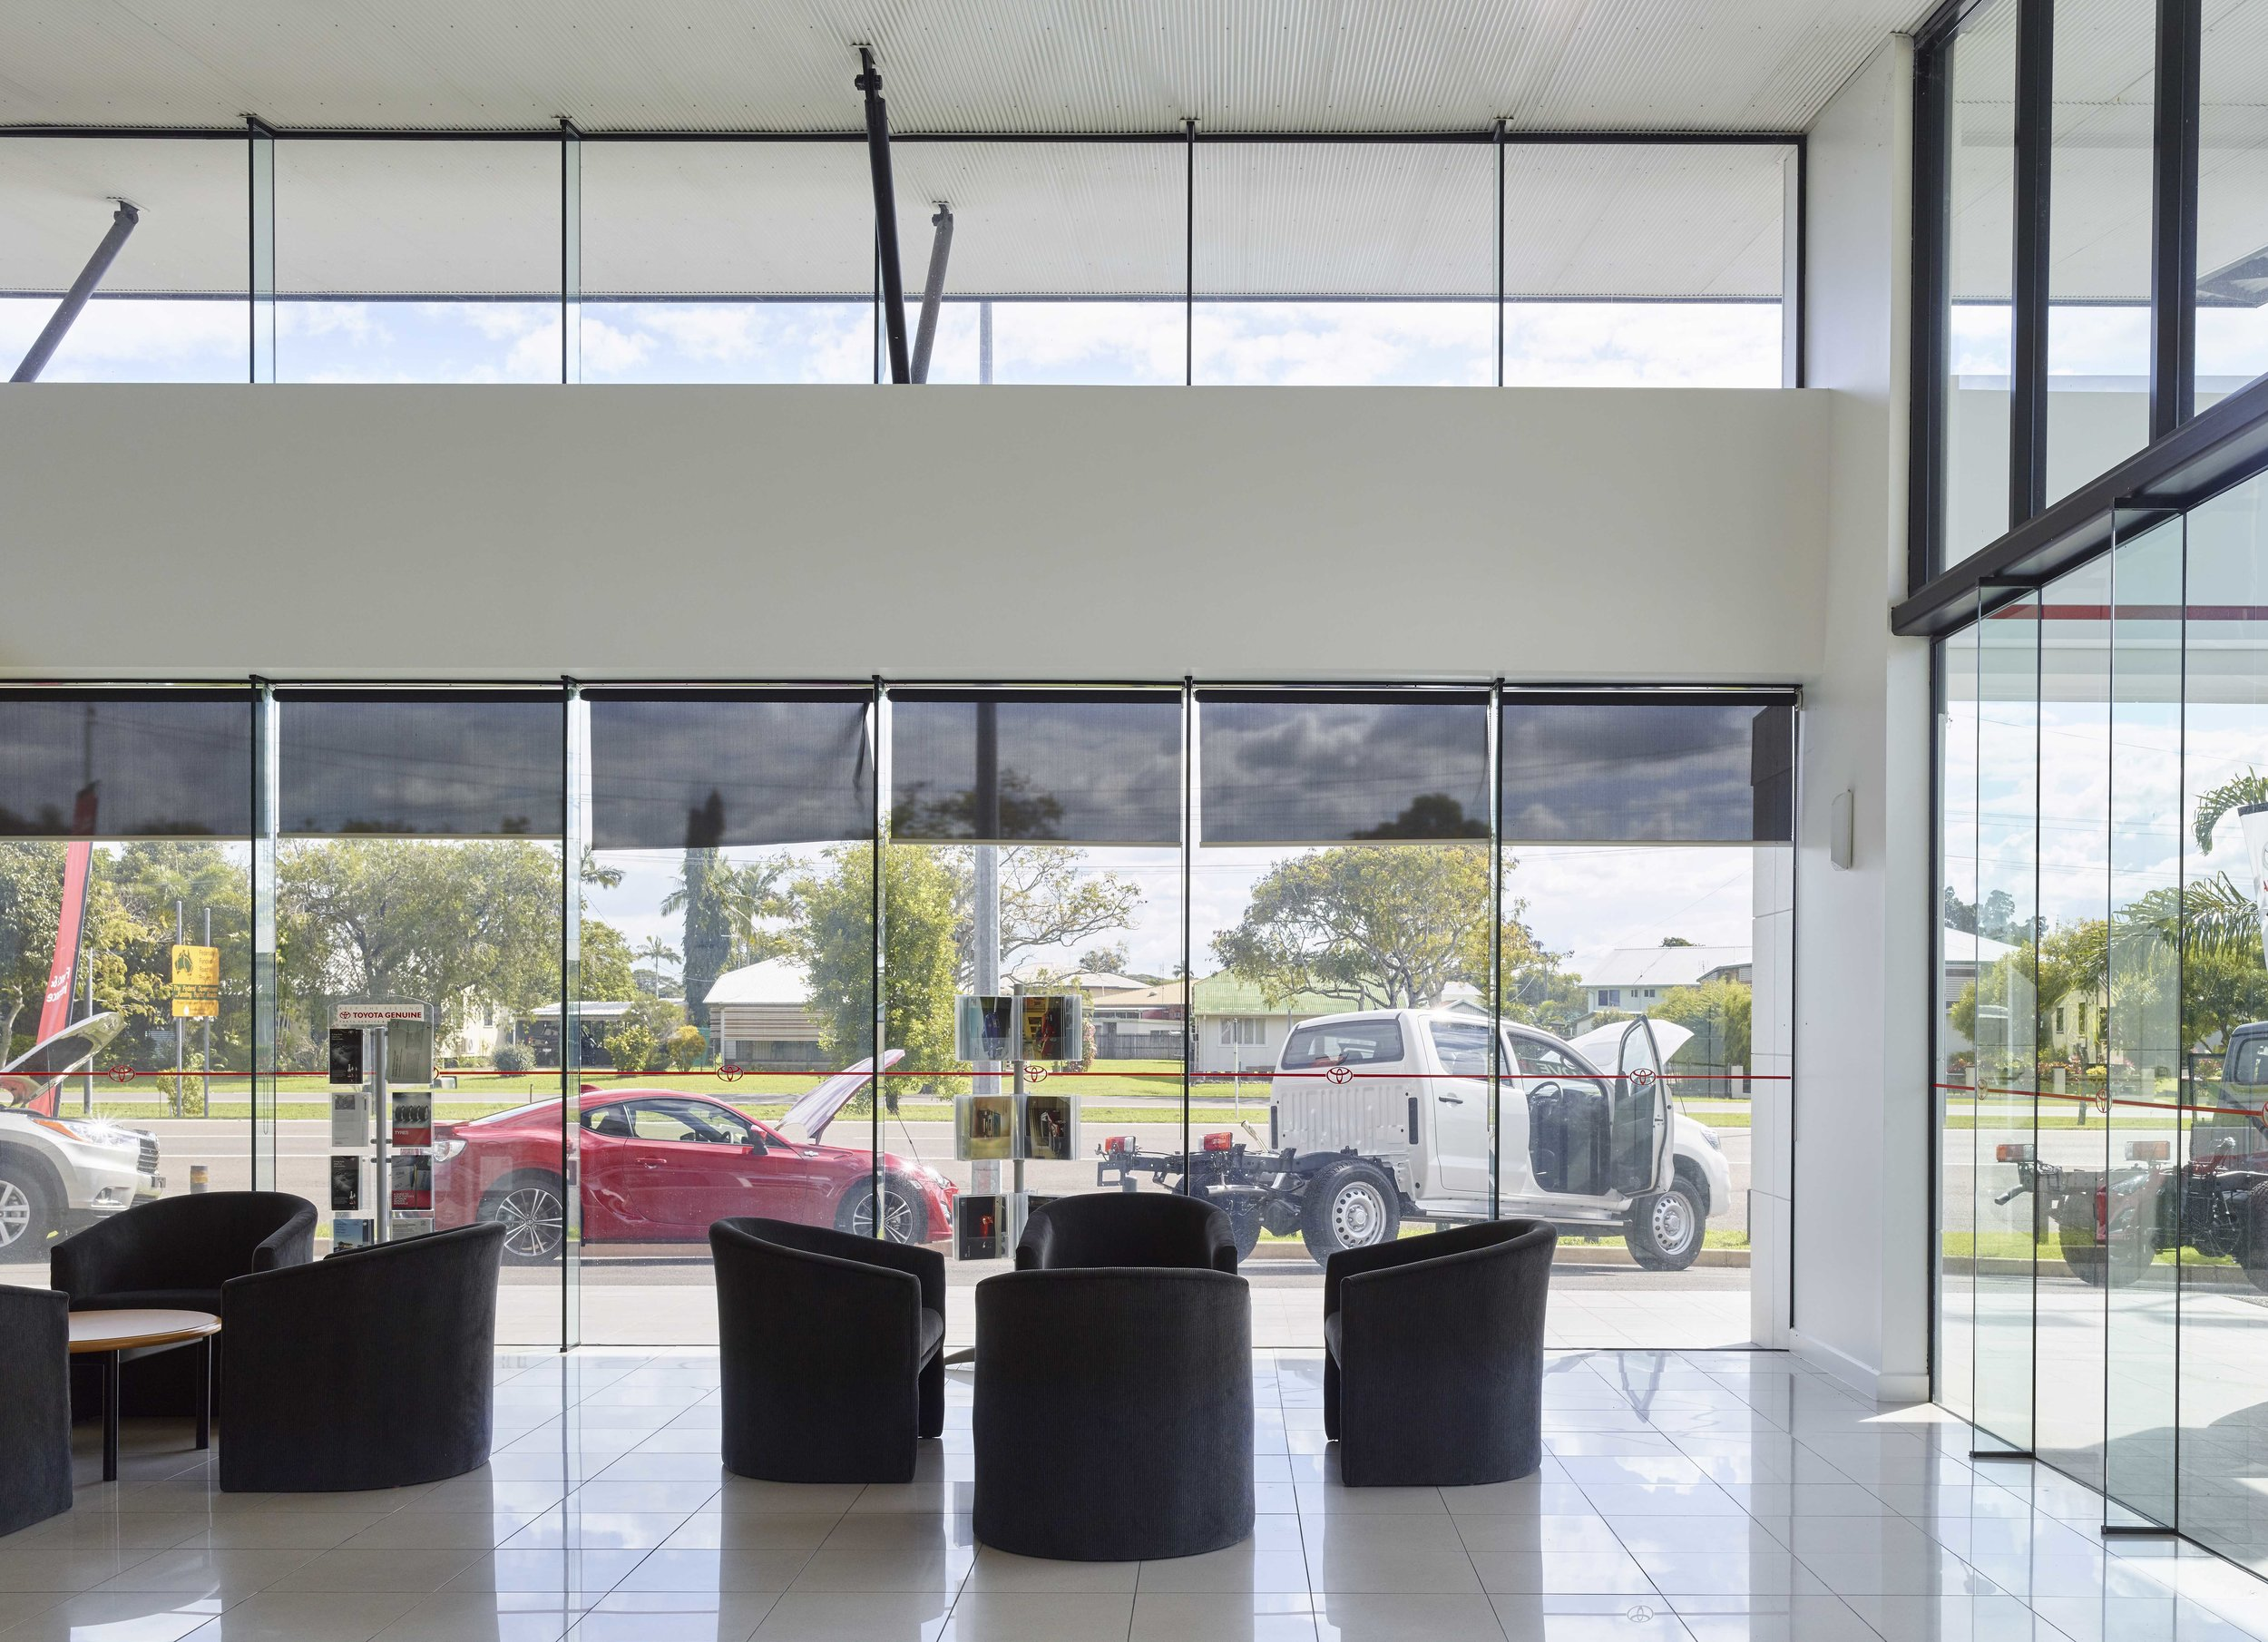 Guymer-bailey-architects-Toyota-Ingham-03.jpg